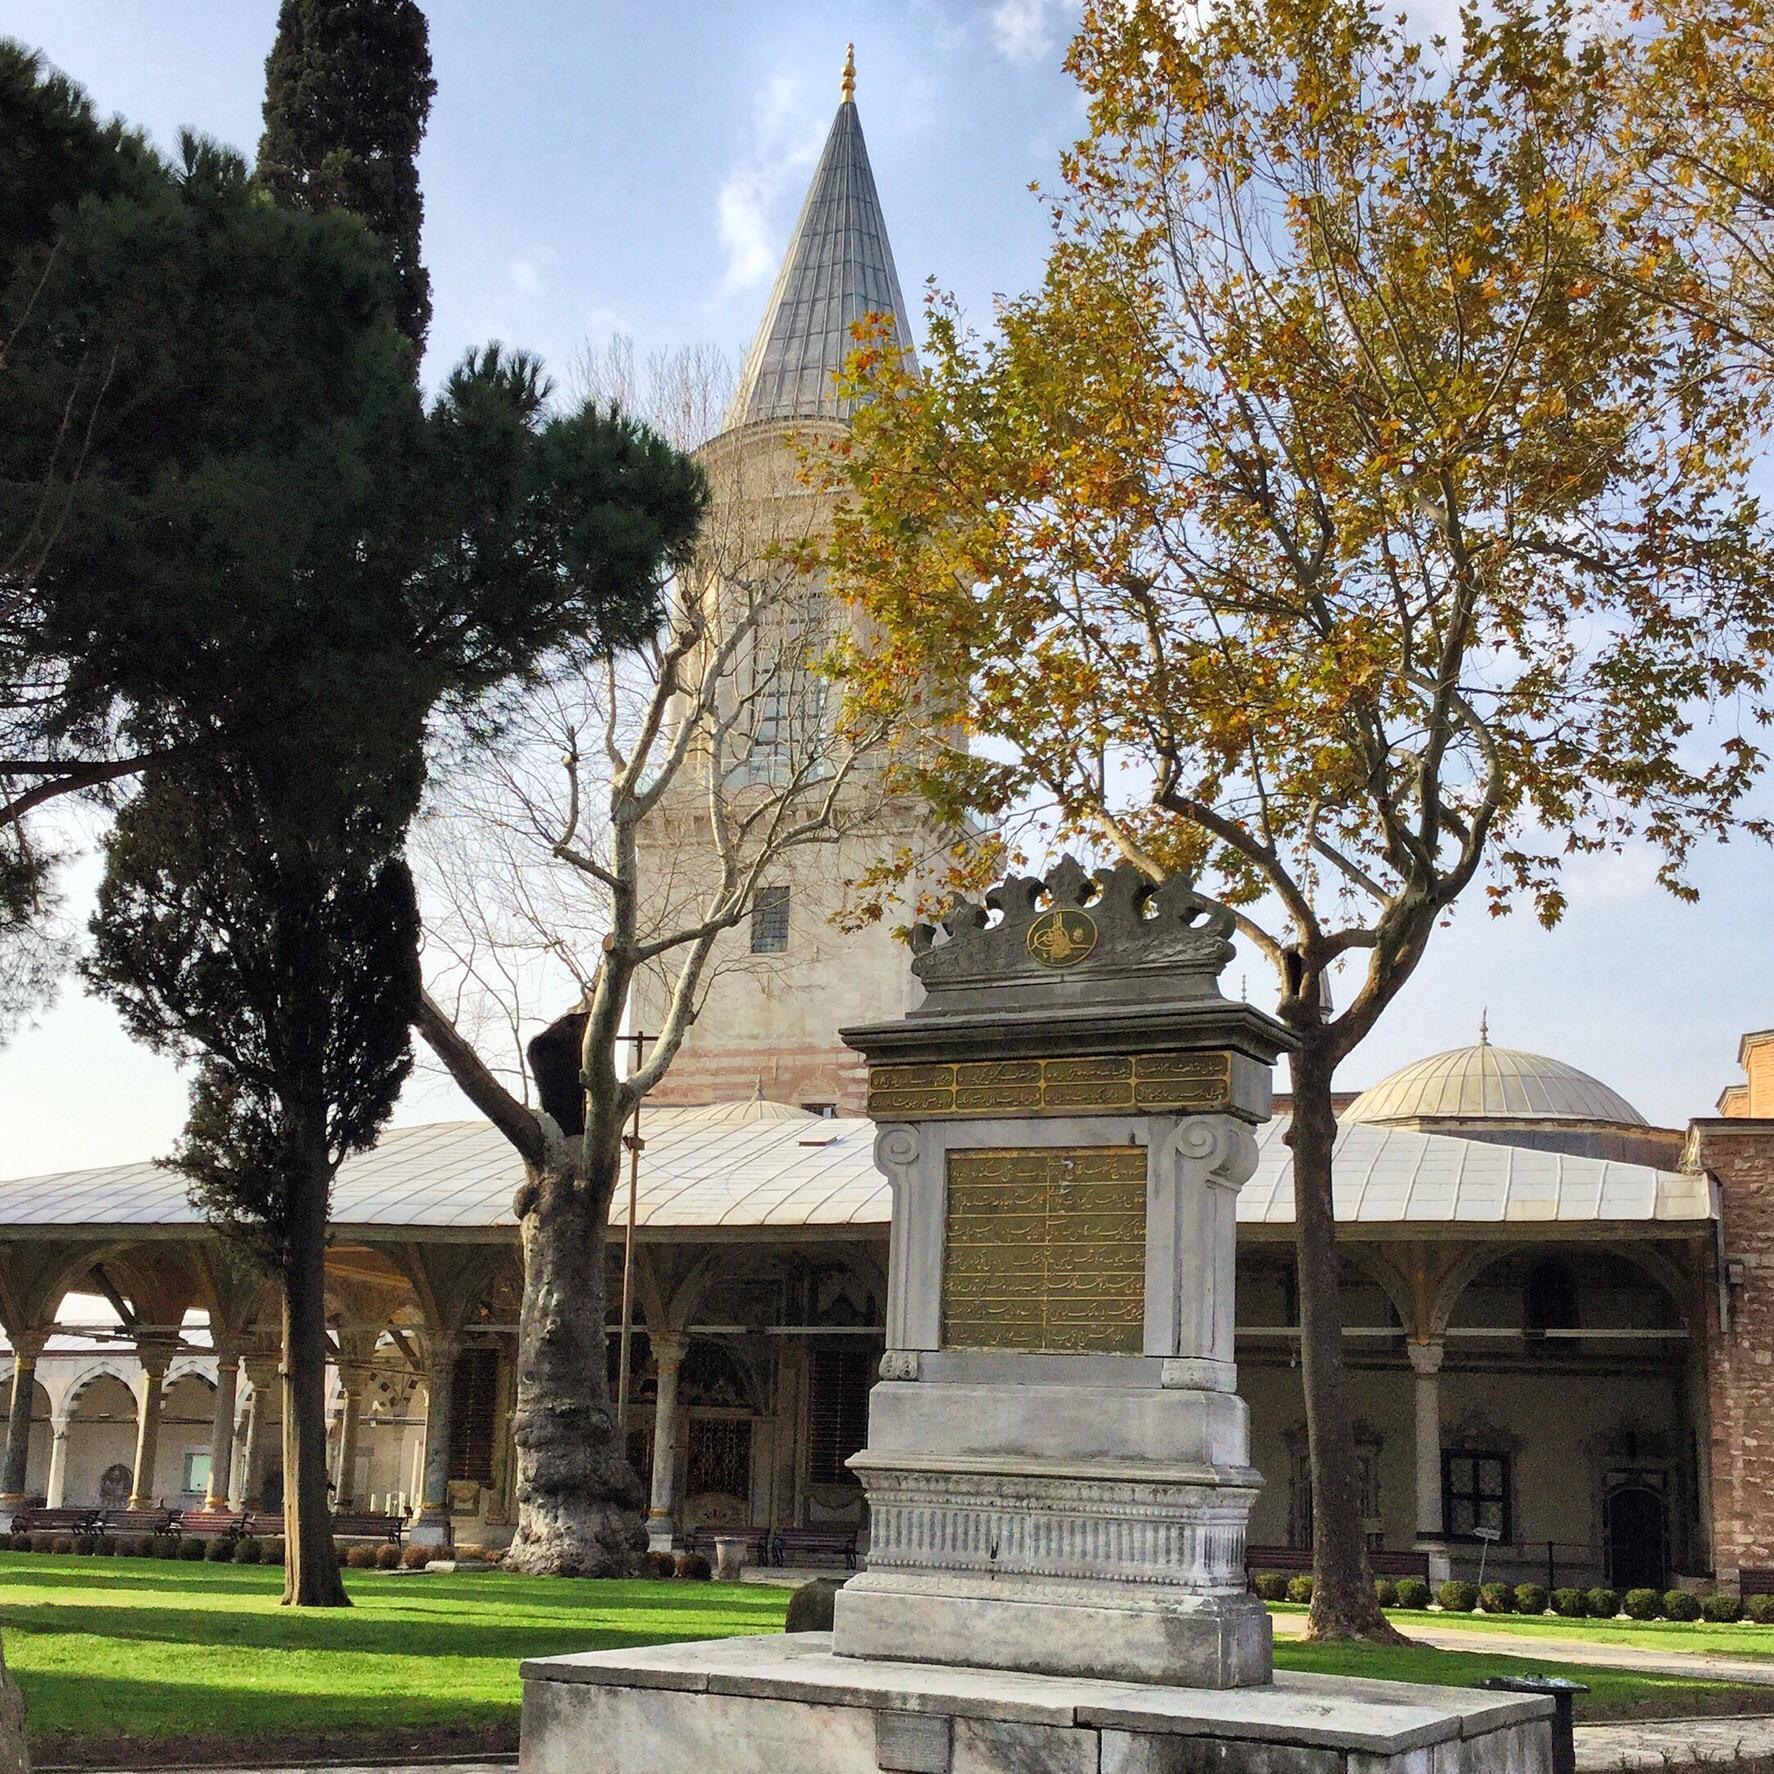 Harem at Topkapi Palace